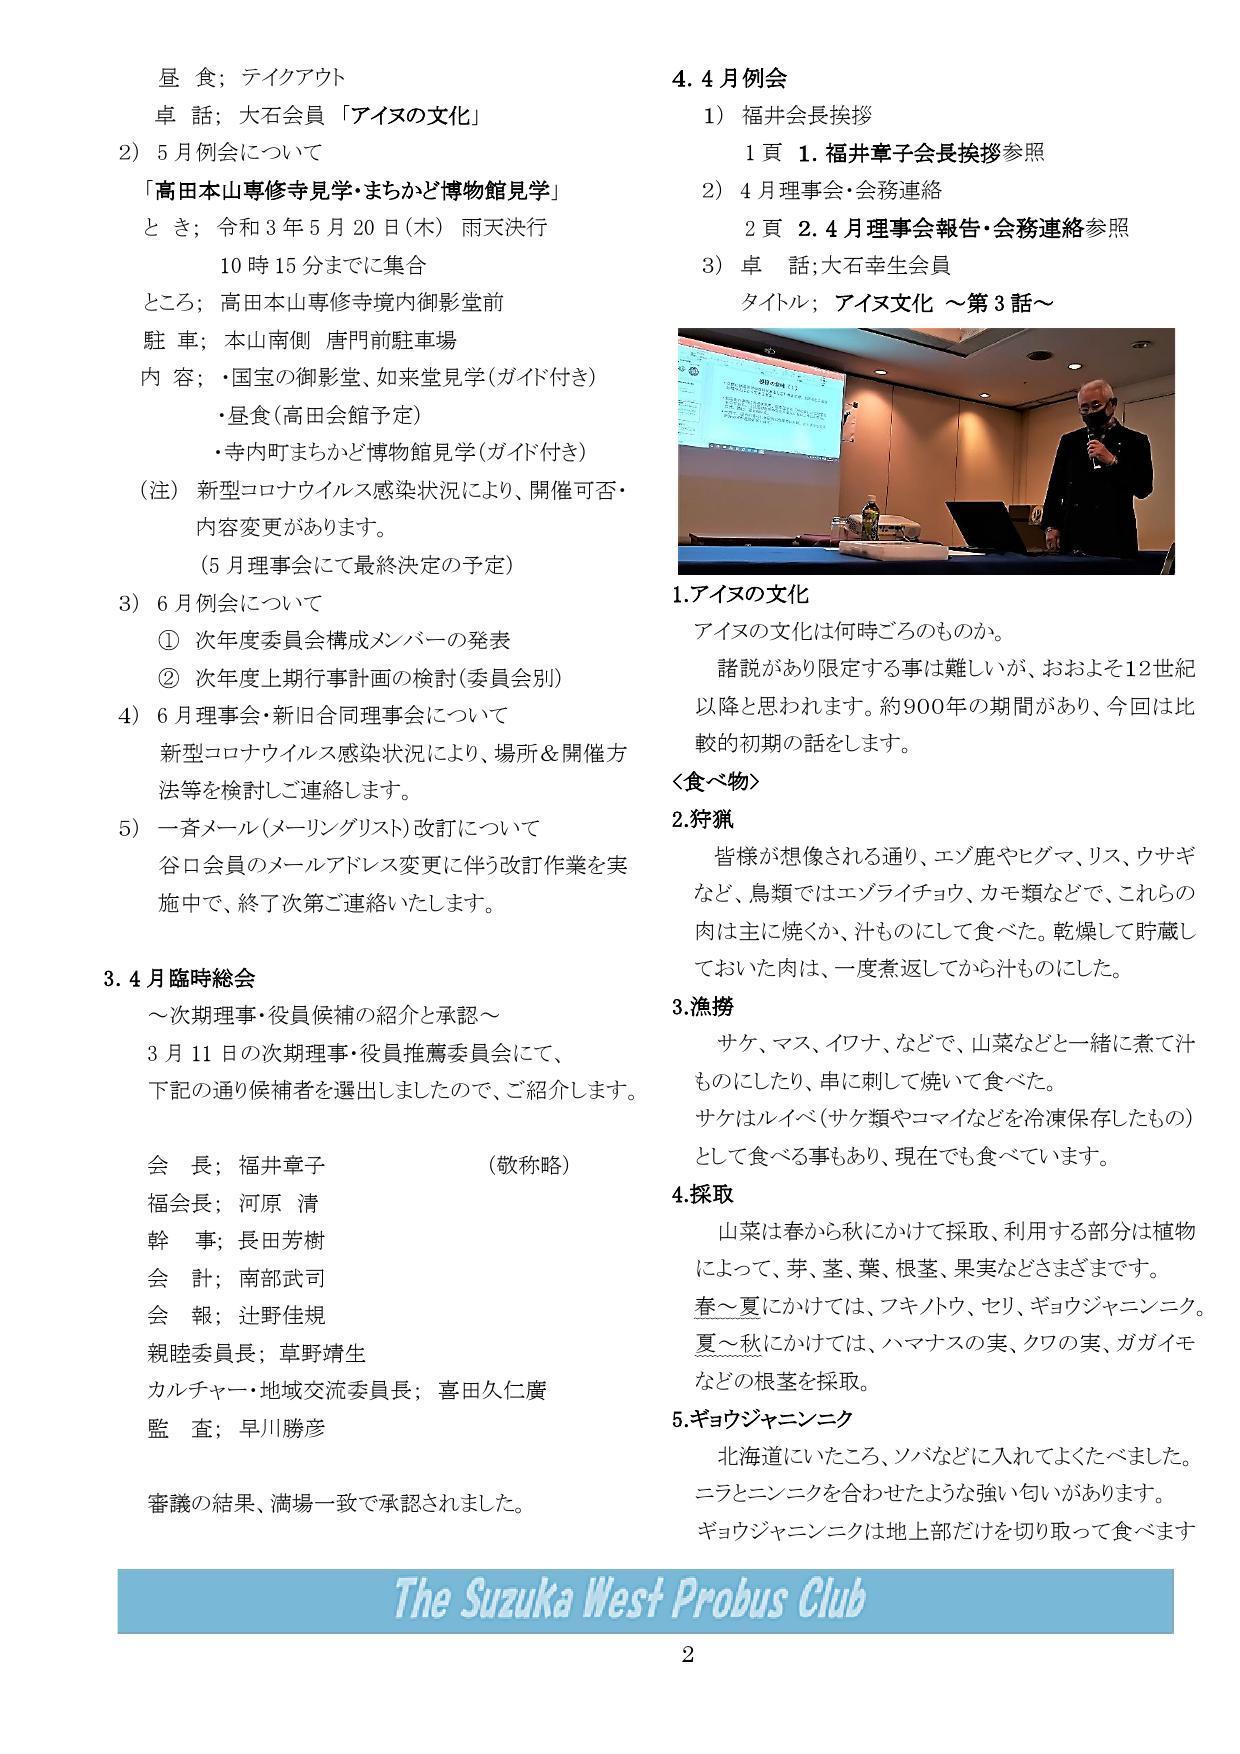 鈴鹿西プロバスクラブ会報 第248号 2021年5月1日_b0000714_10551358.jpg